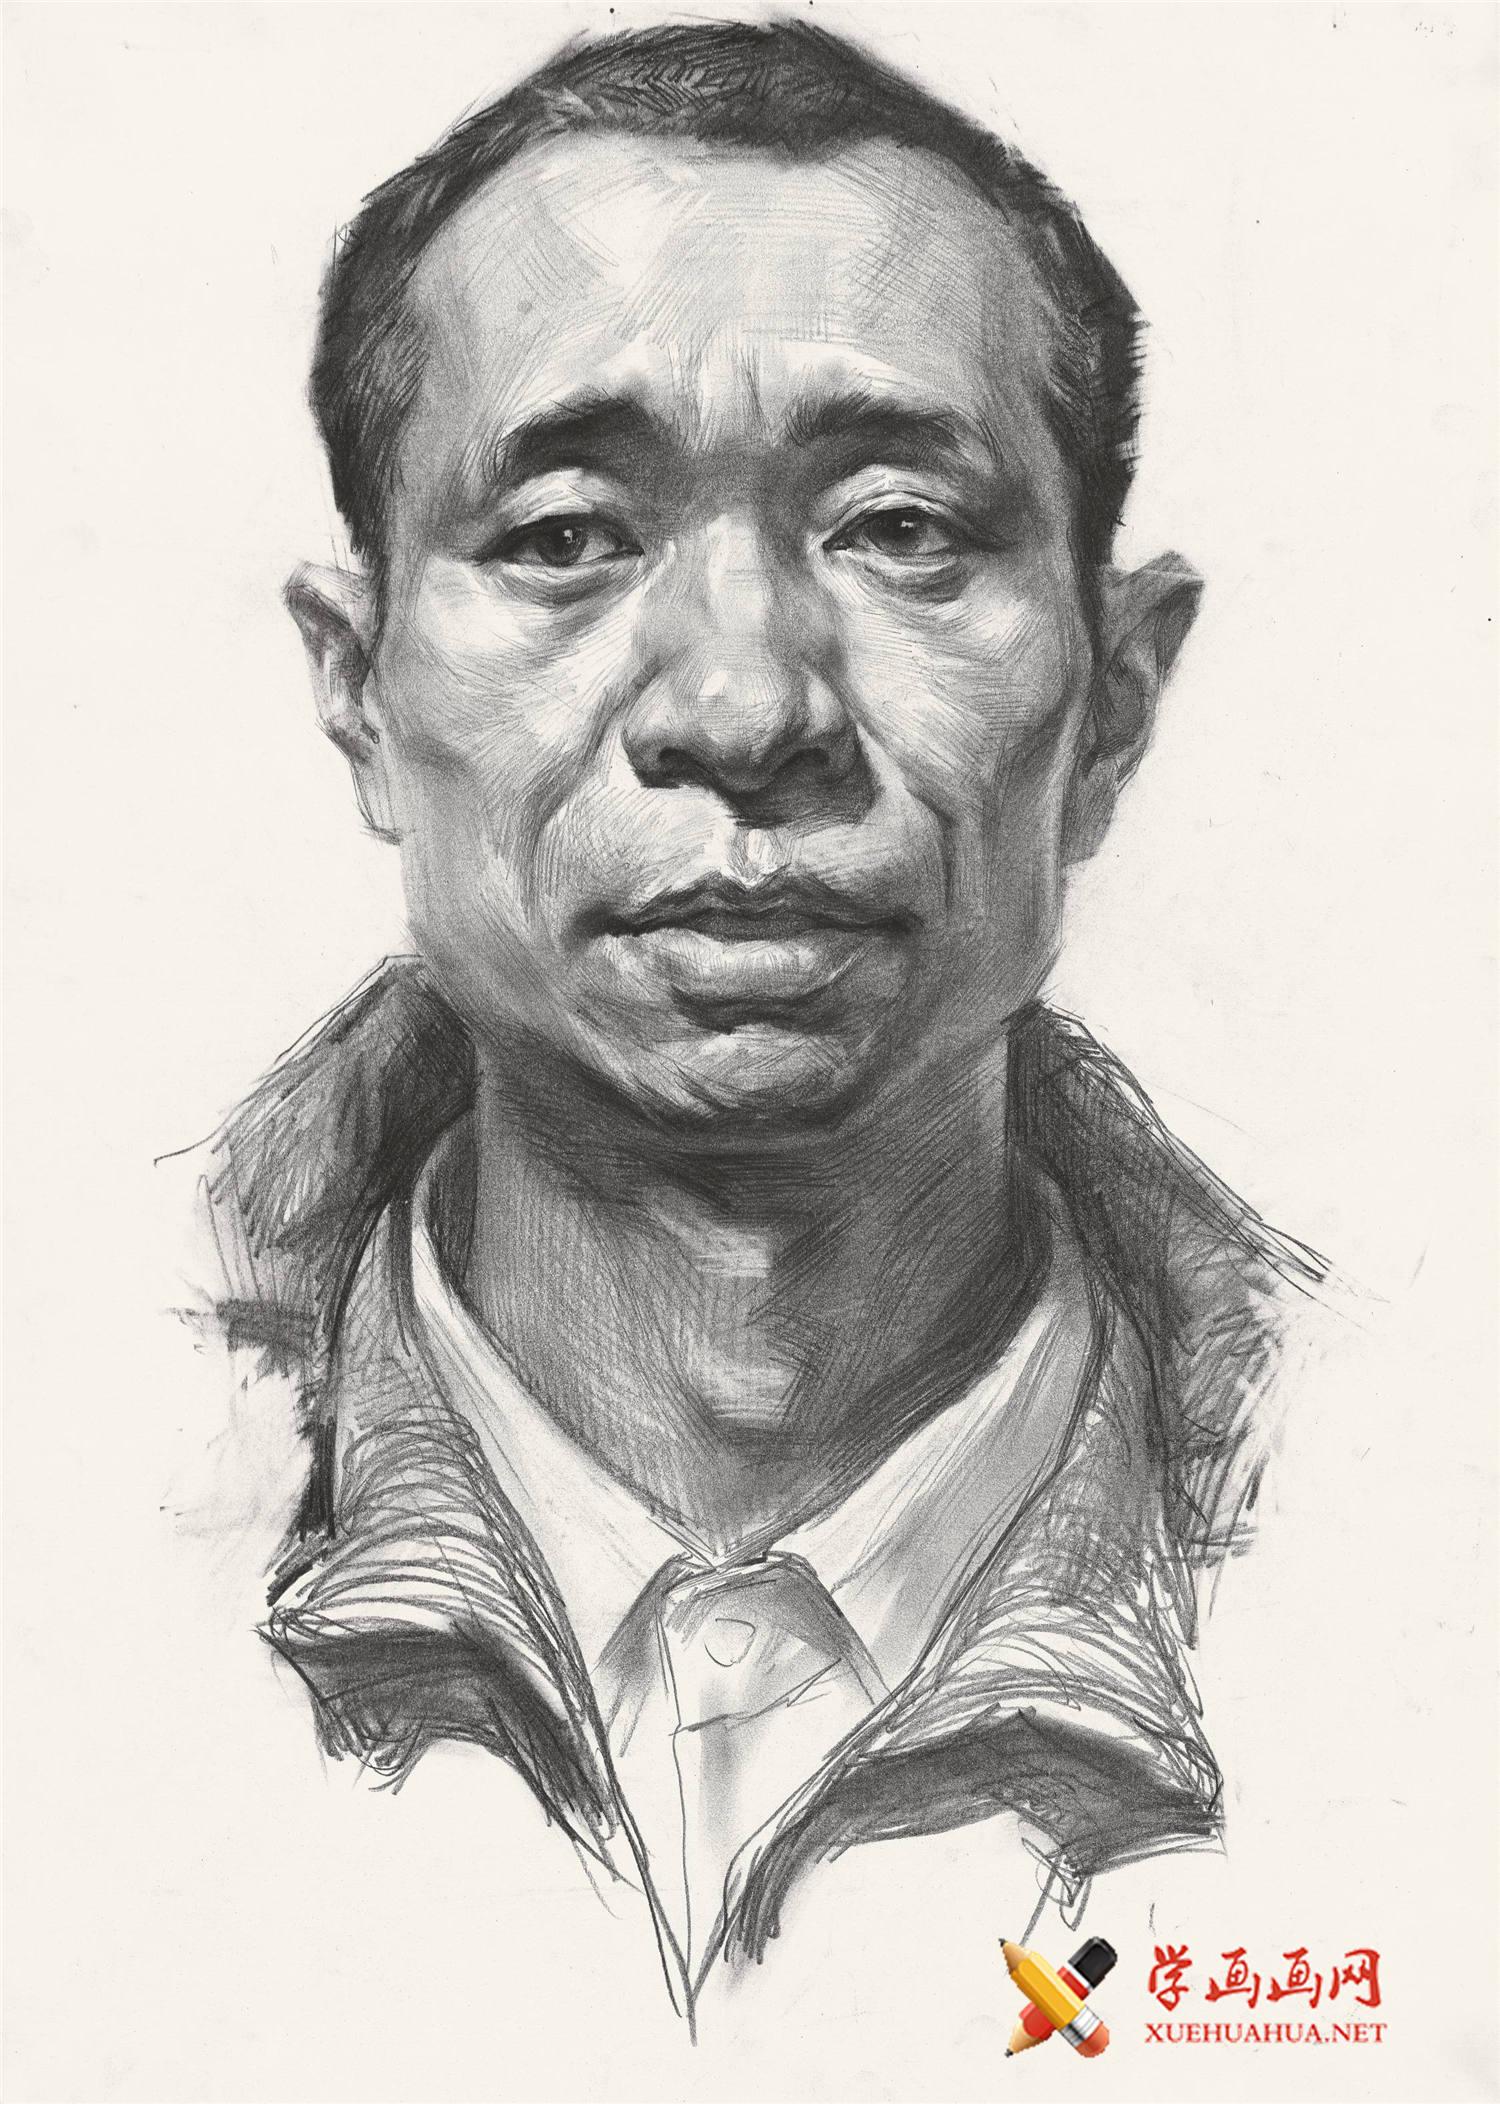 人像素描_正面男子素描头像的画法高清图片(1)